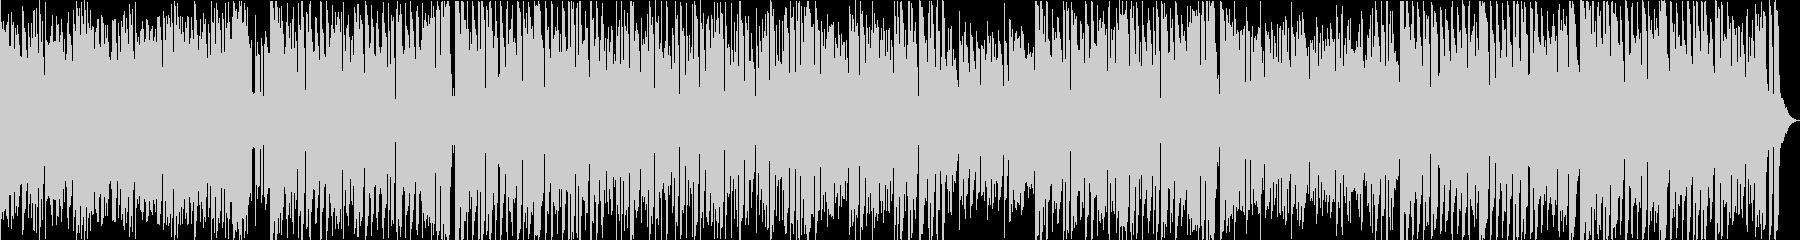 キラキラしたアニメっぽいポップスBGMの未再生の波形